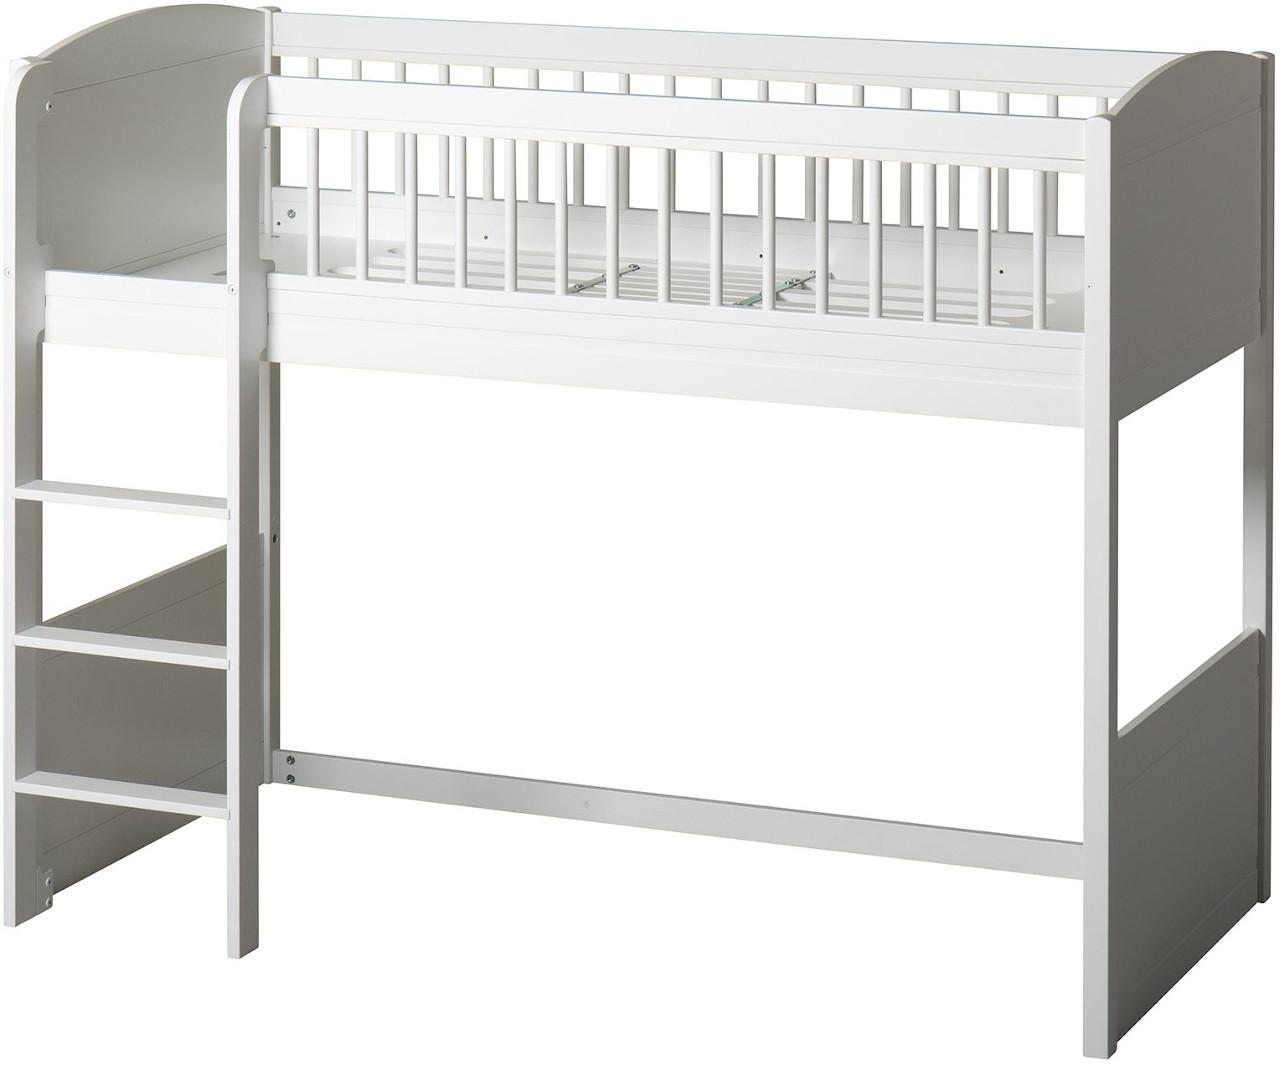 Oliver Furniture Hochbett Seaside Lille+ in Berlin kaufen - Kleine Fabriek